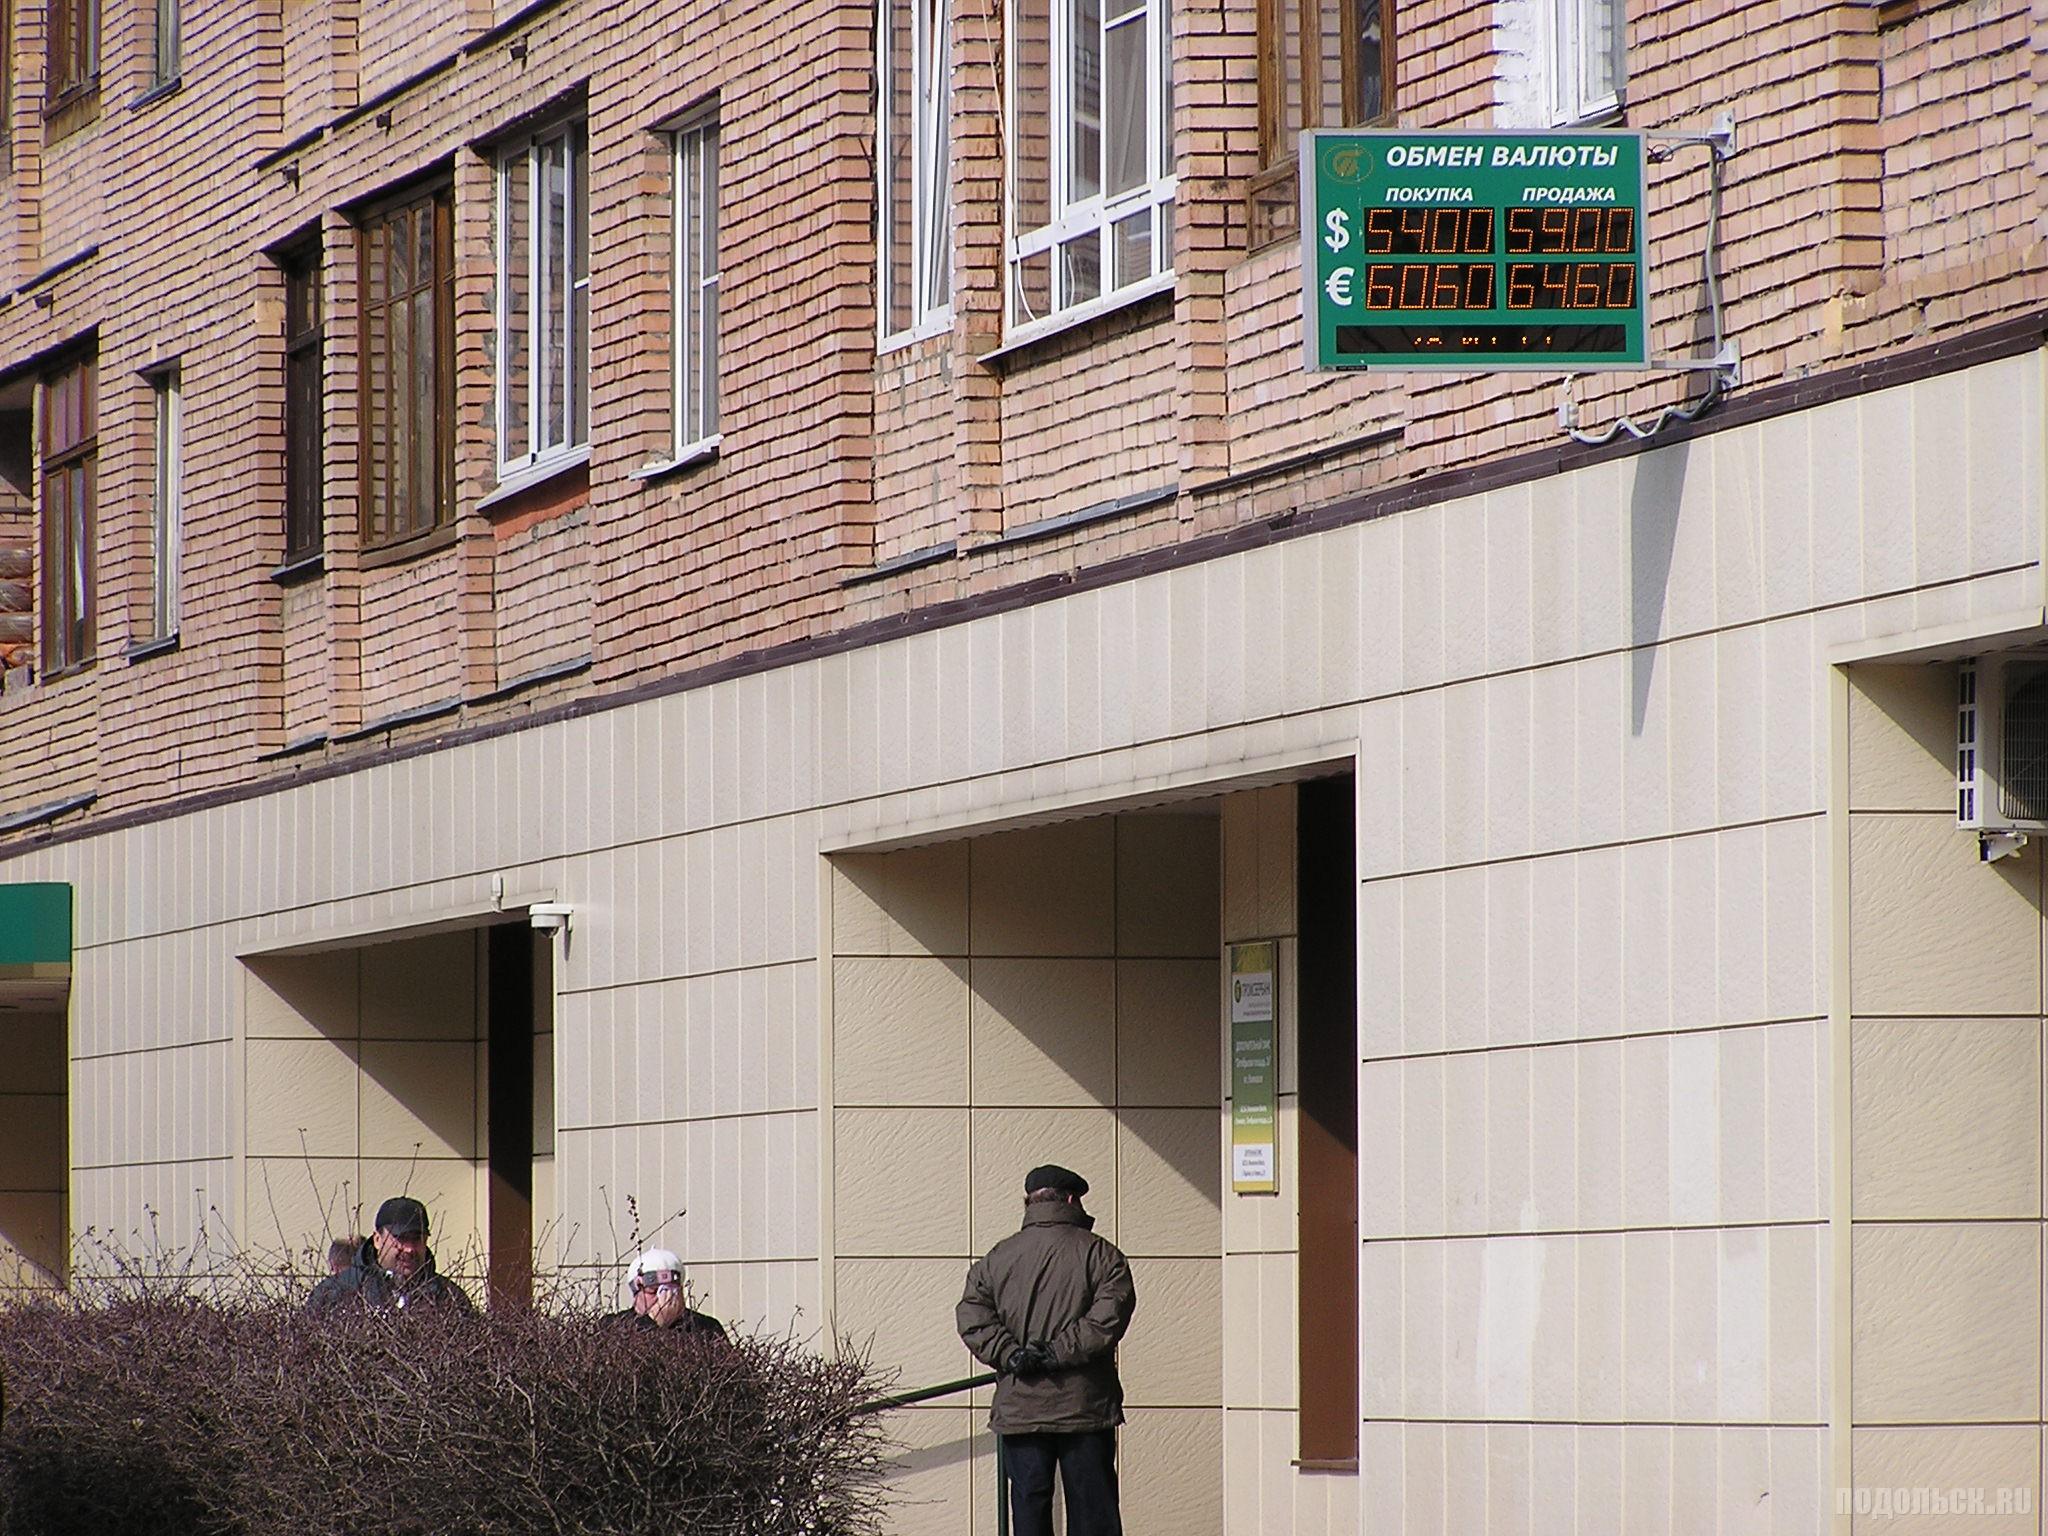 Банки Подольска - вклады, кредиты, кредитные карты